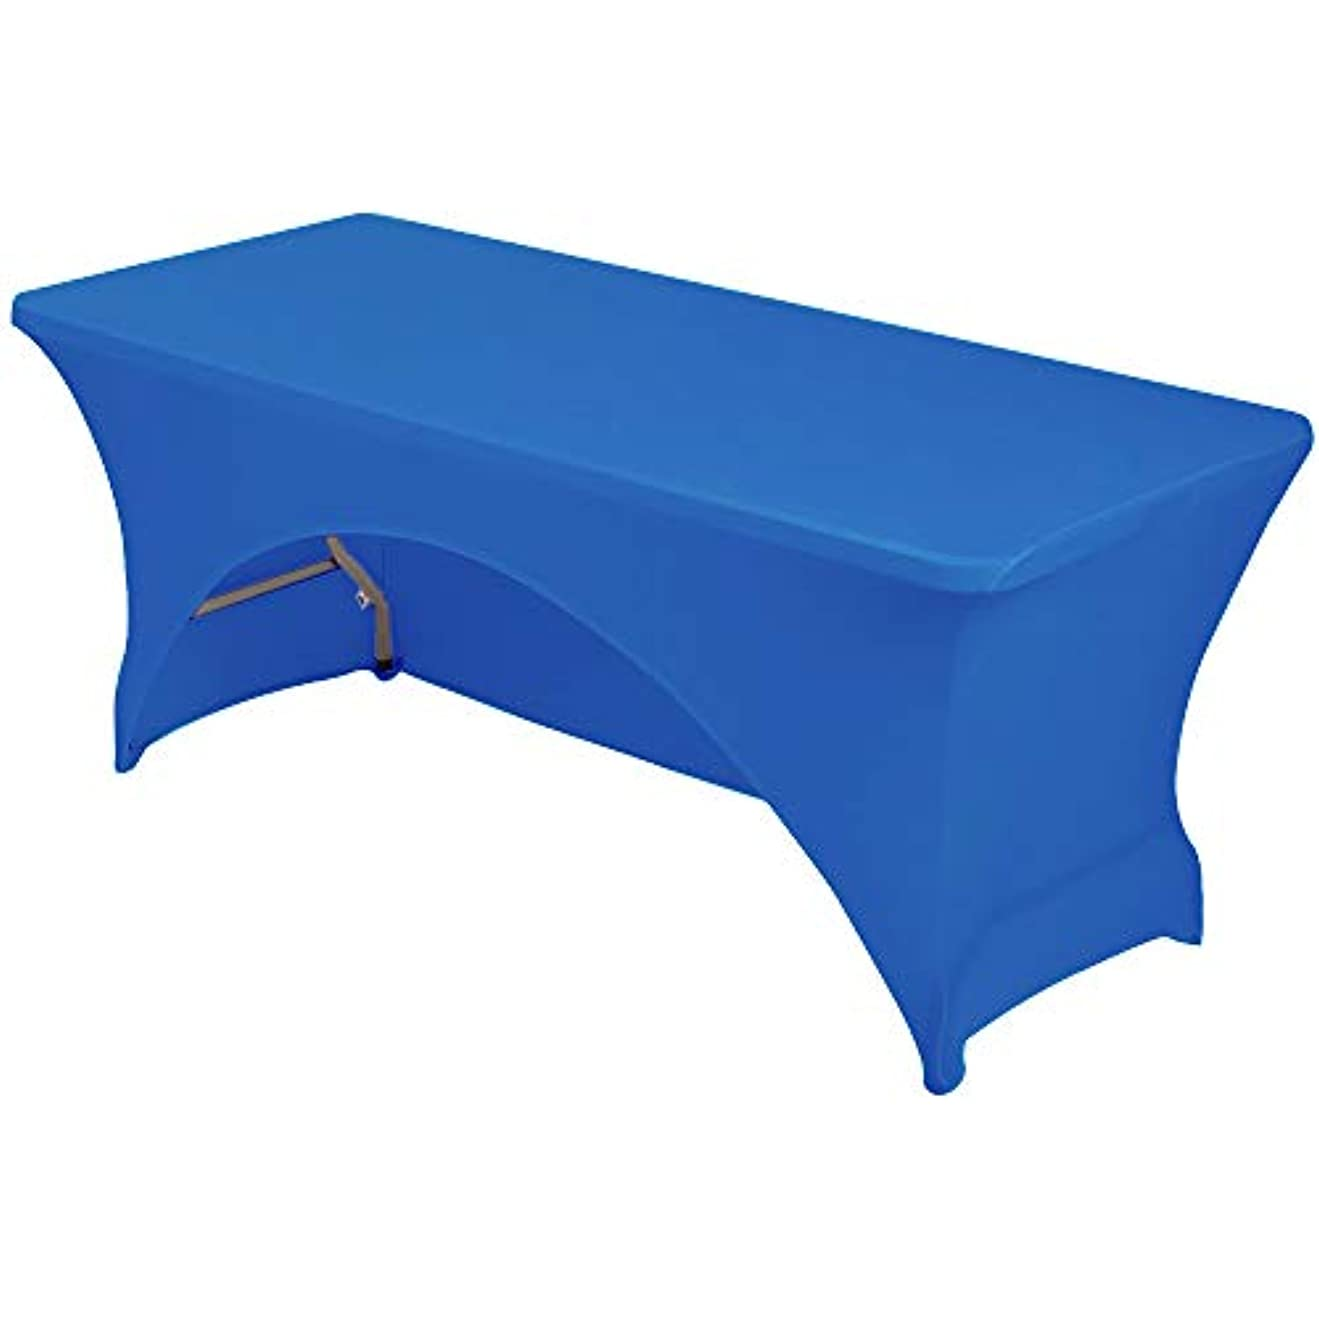 絶え間ない憂鬱スキーYOYO HOME 長さ185×幅76×高さ76cm ポータブルベッドクロス 折りたたみベッド ポータブルベッド 整体ベッド マッサージ台 施術ベッド 施術台 エステベッド マッサージ 整体 ベッドを使う